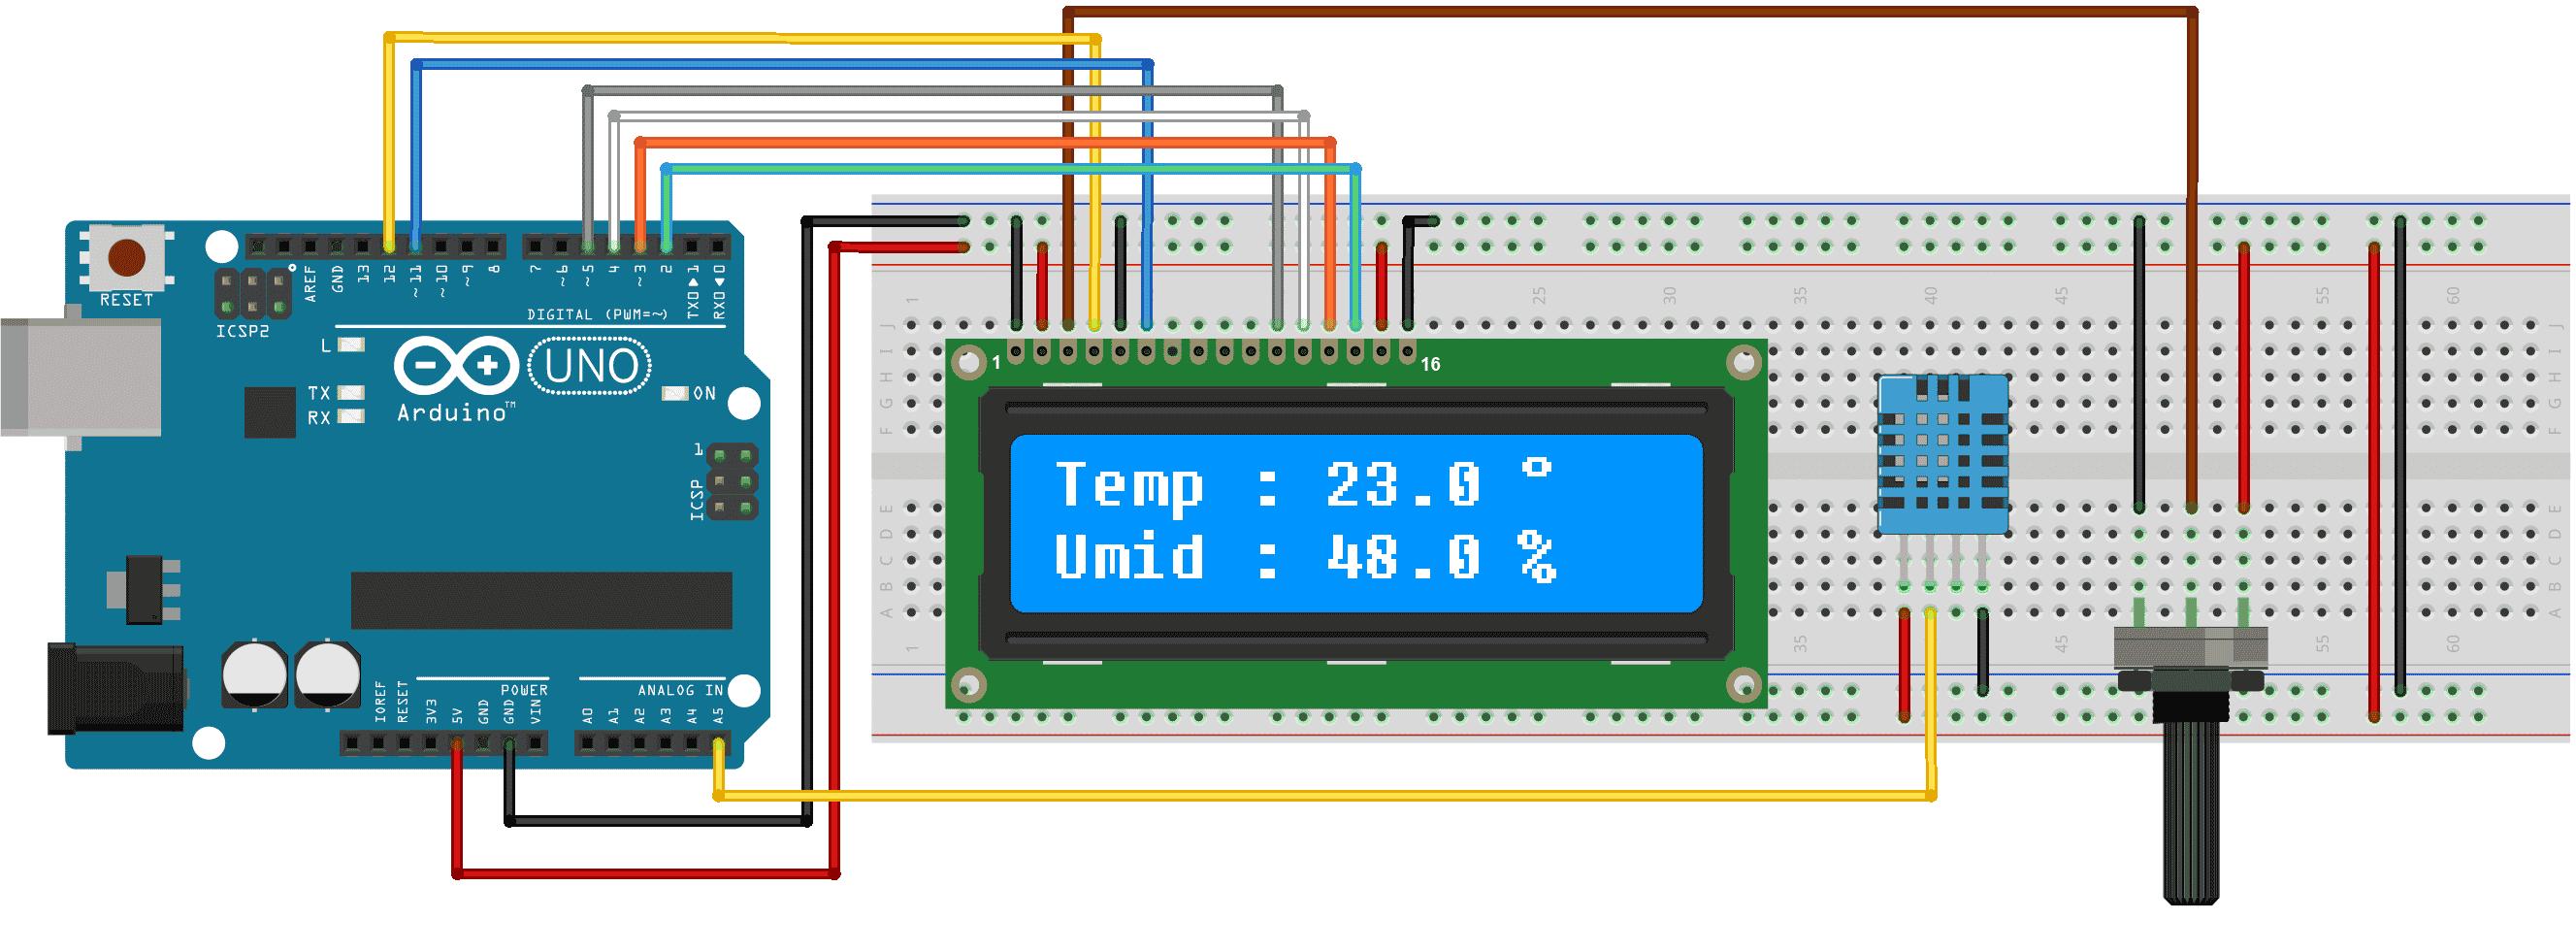 Circuito DHT11 e LCD HD44780